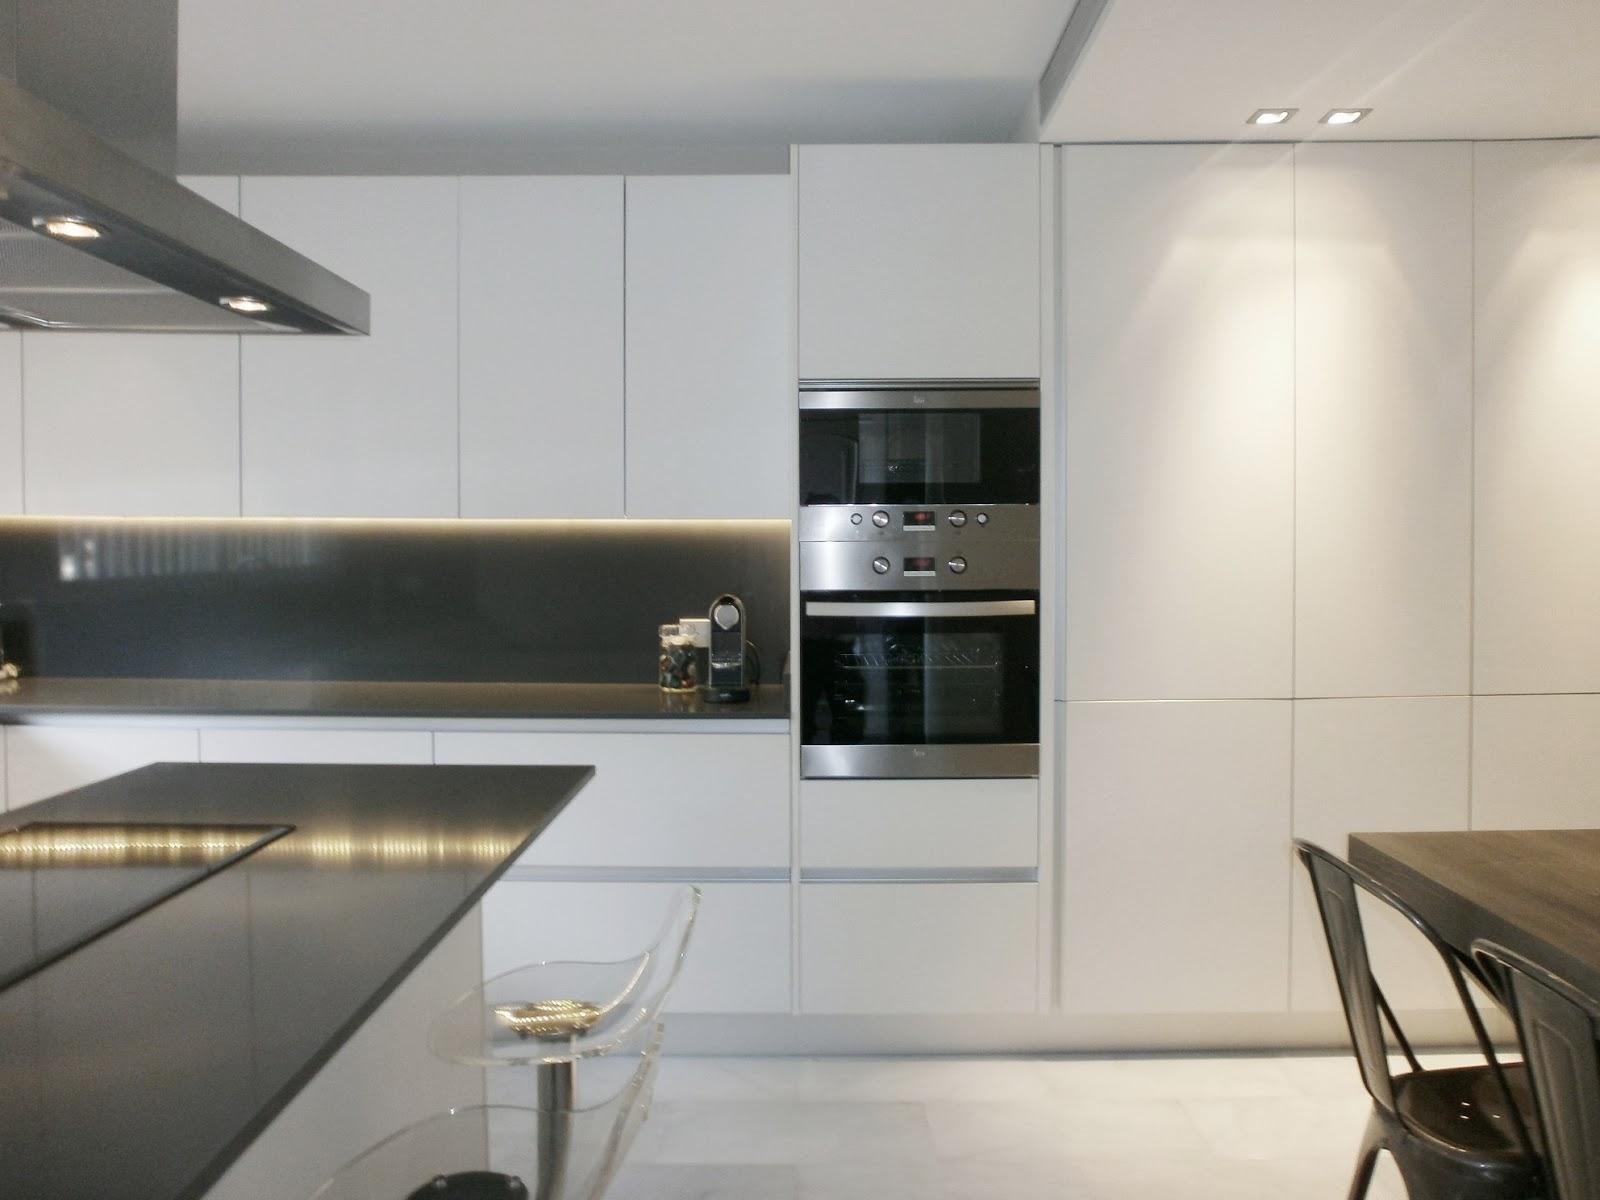 Encantadora cocina blanca independiente con isla y office for Cocina blanca electrodomesticos blancos